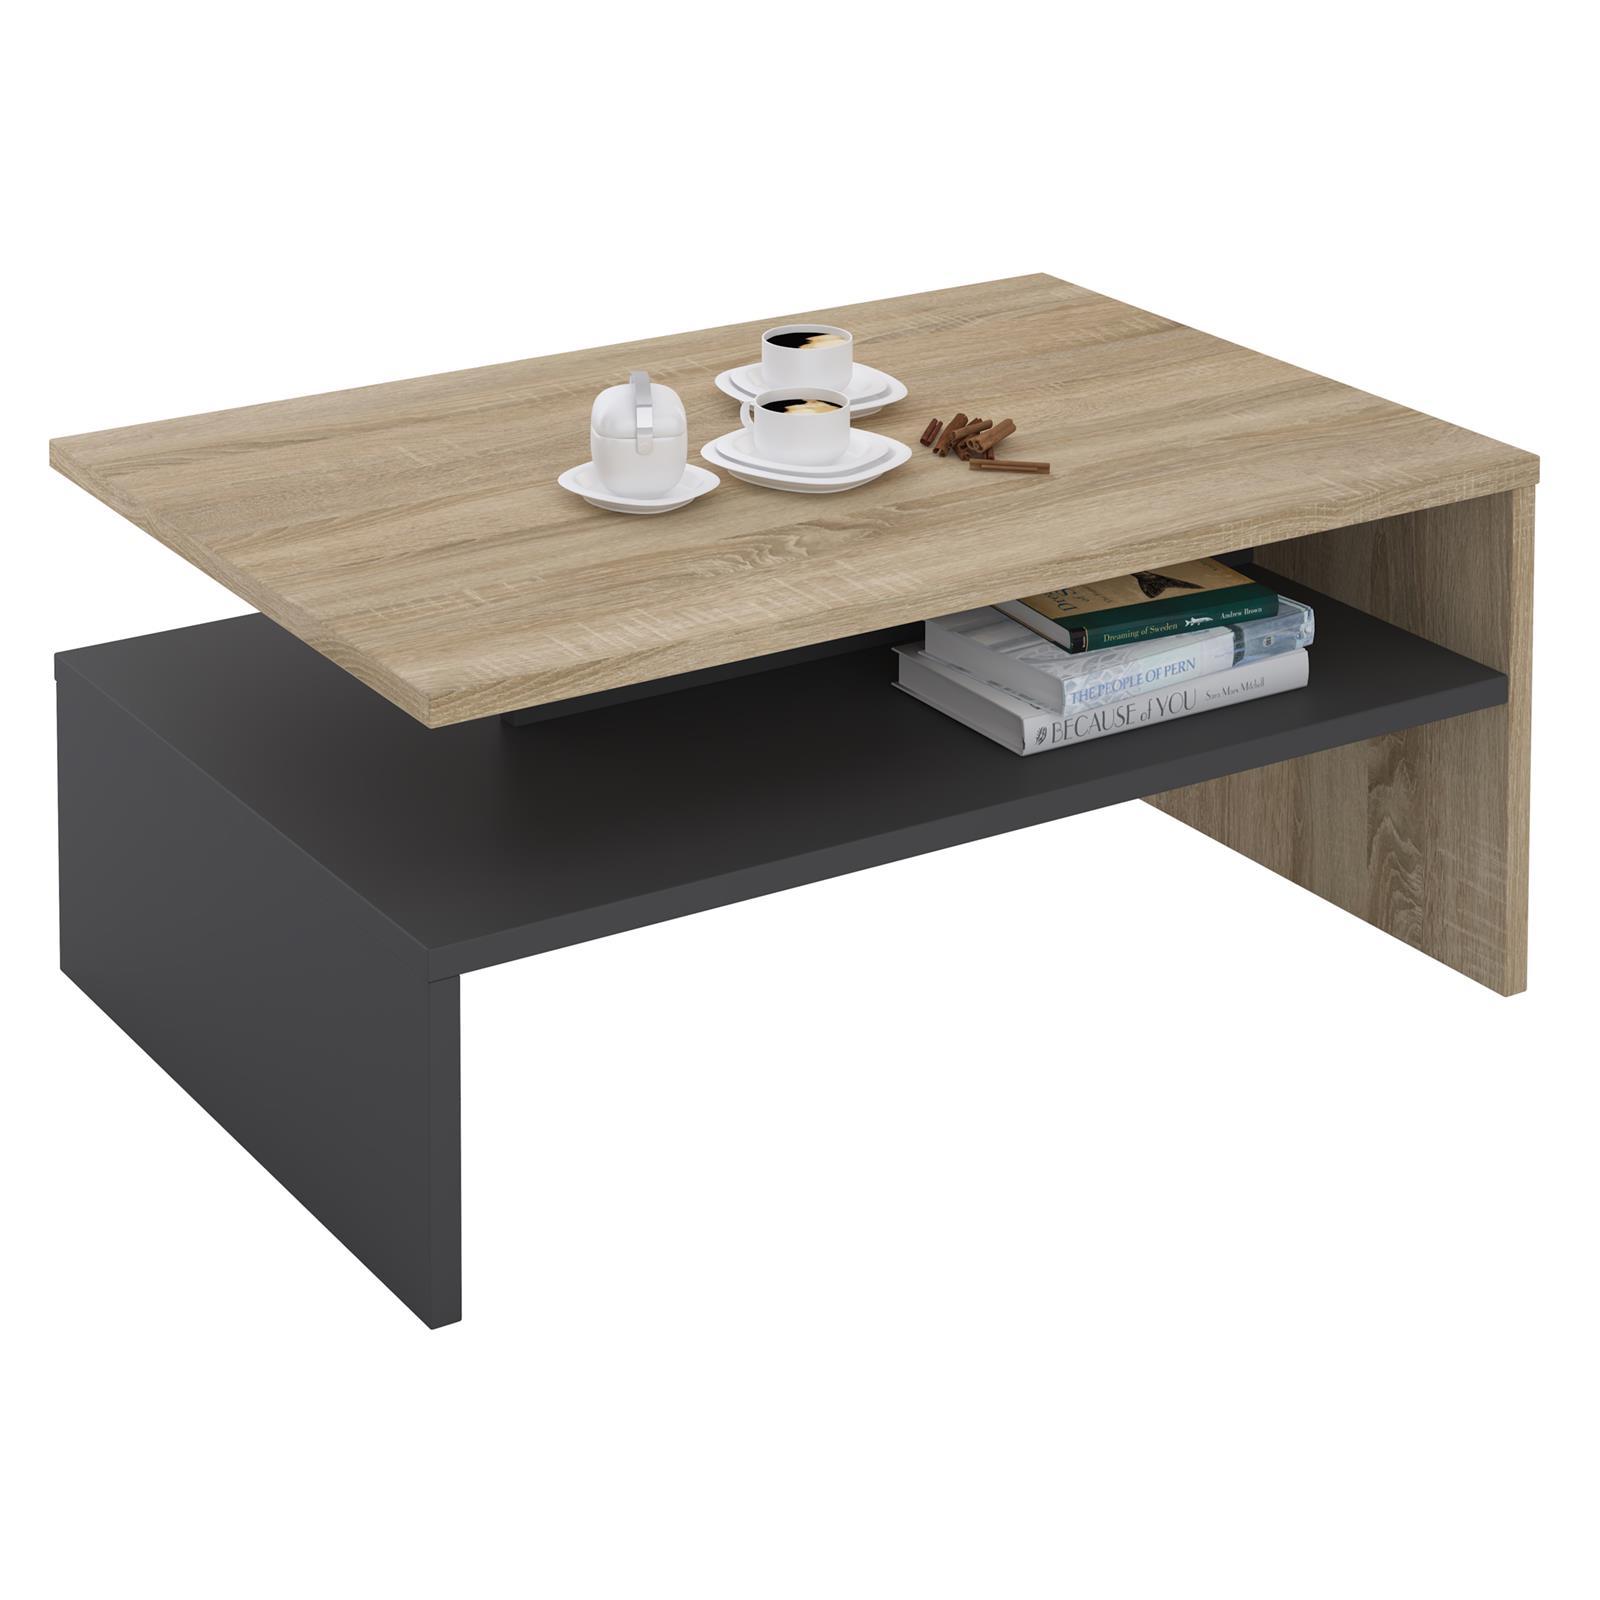 table basse adelaide en m lamin d cor ch ne sonoma et gris mat mobil meubles. Black Bedroom Furniture Sets. Home Design Ideas